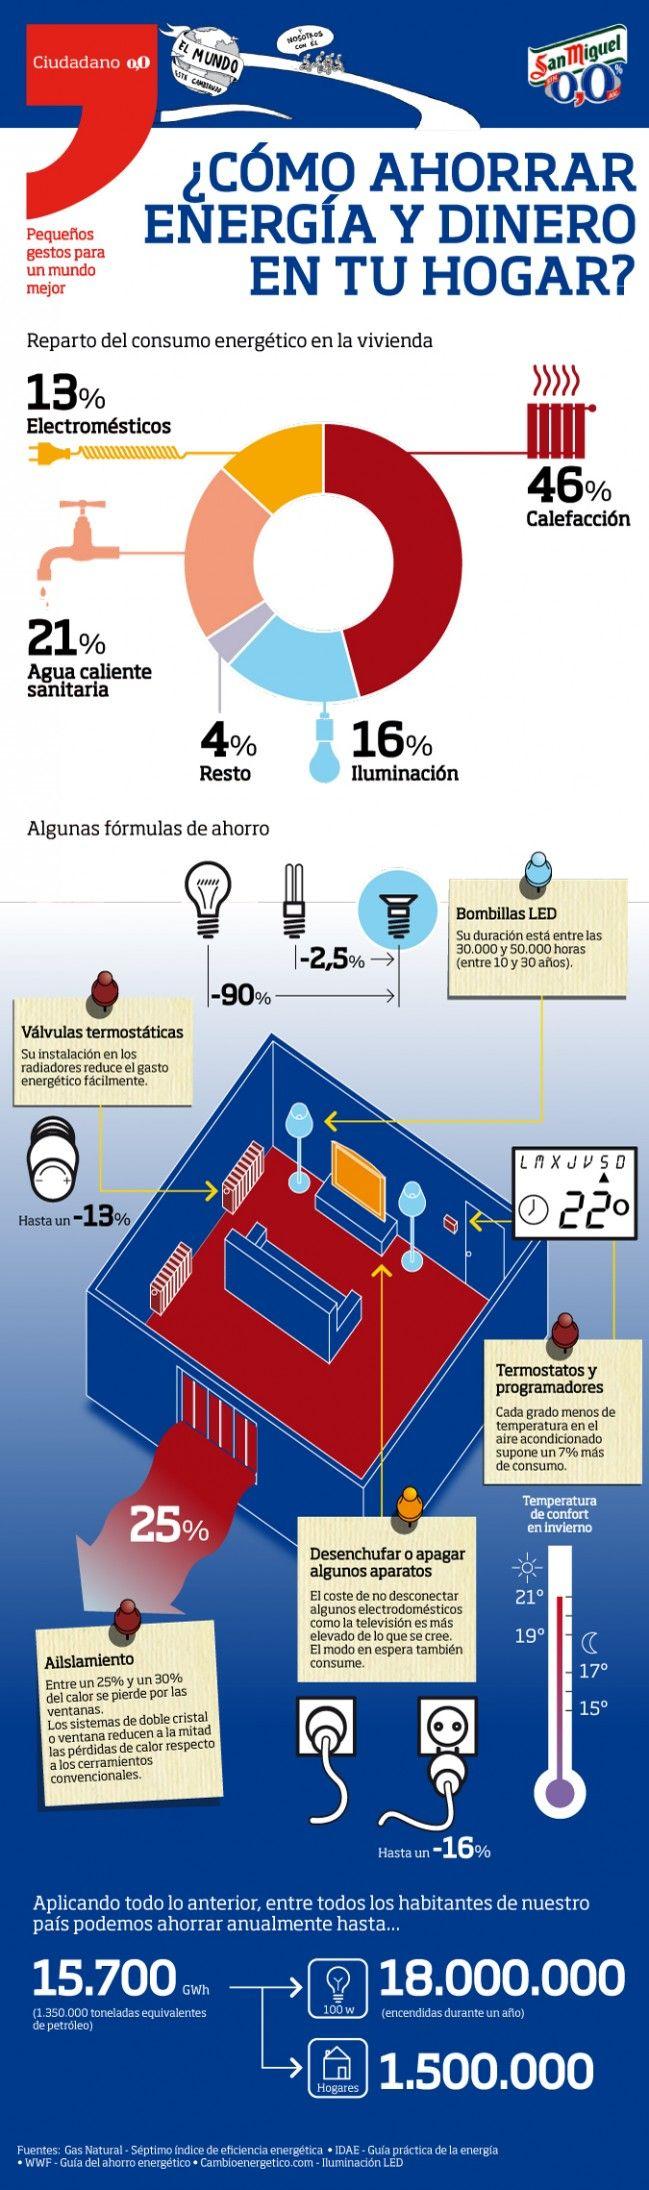 ¿Como ahorrar energía y dinero en el hogar? #infografia #energia